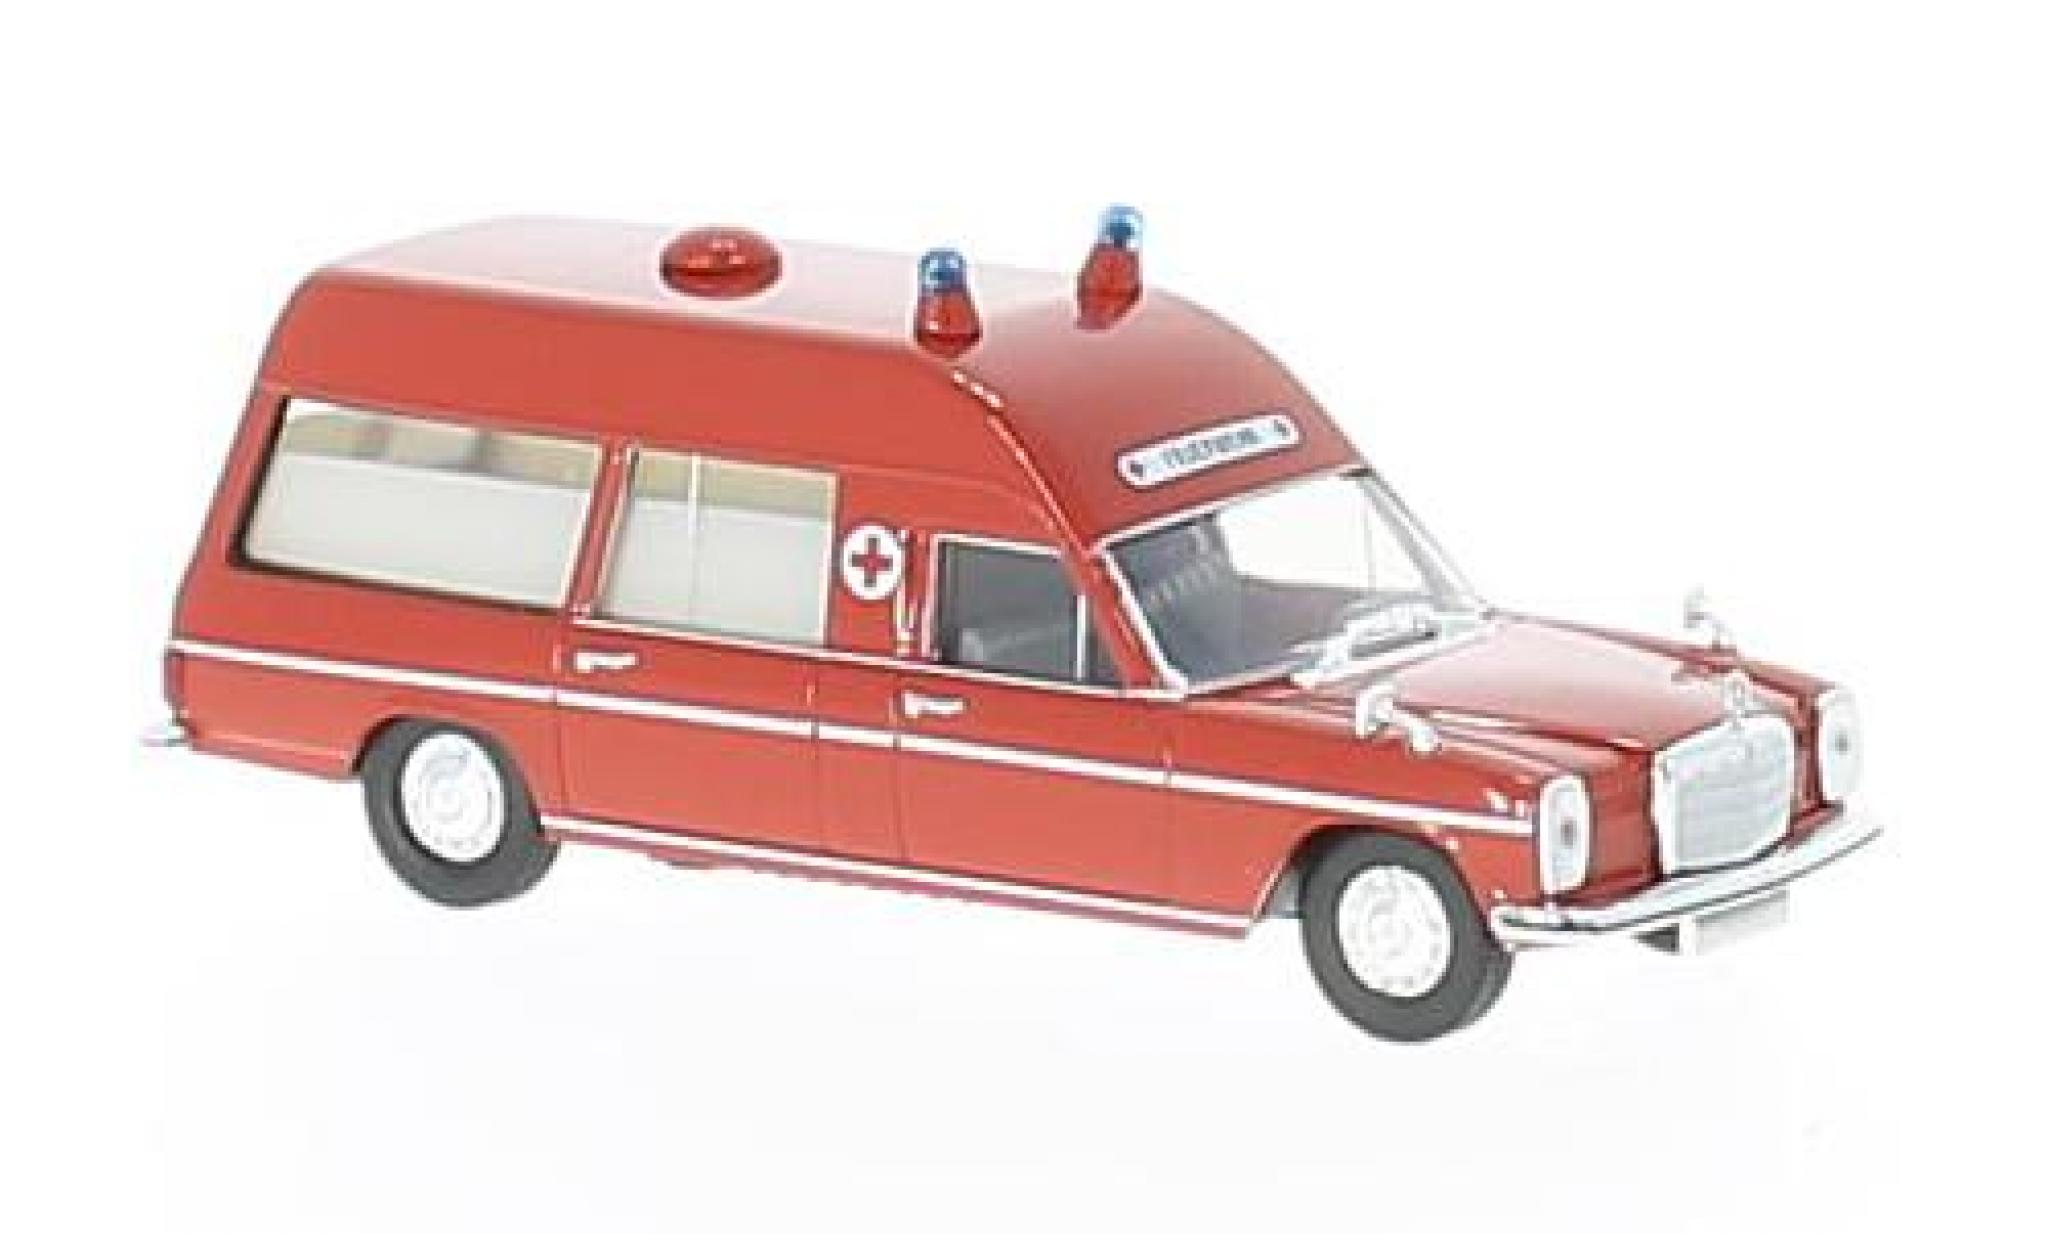 Mercedes /8 1/87 Brekina rouge ambulance